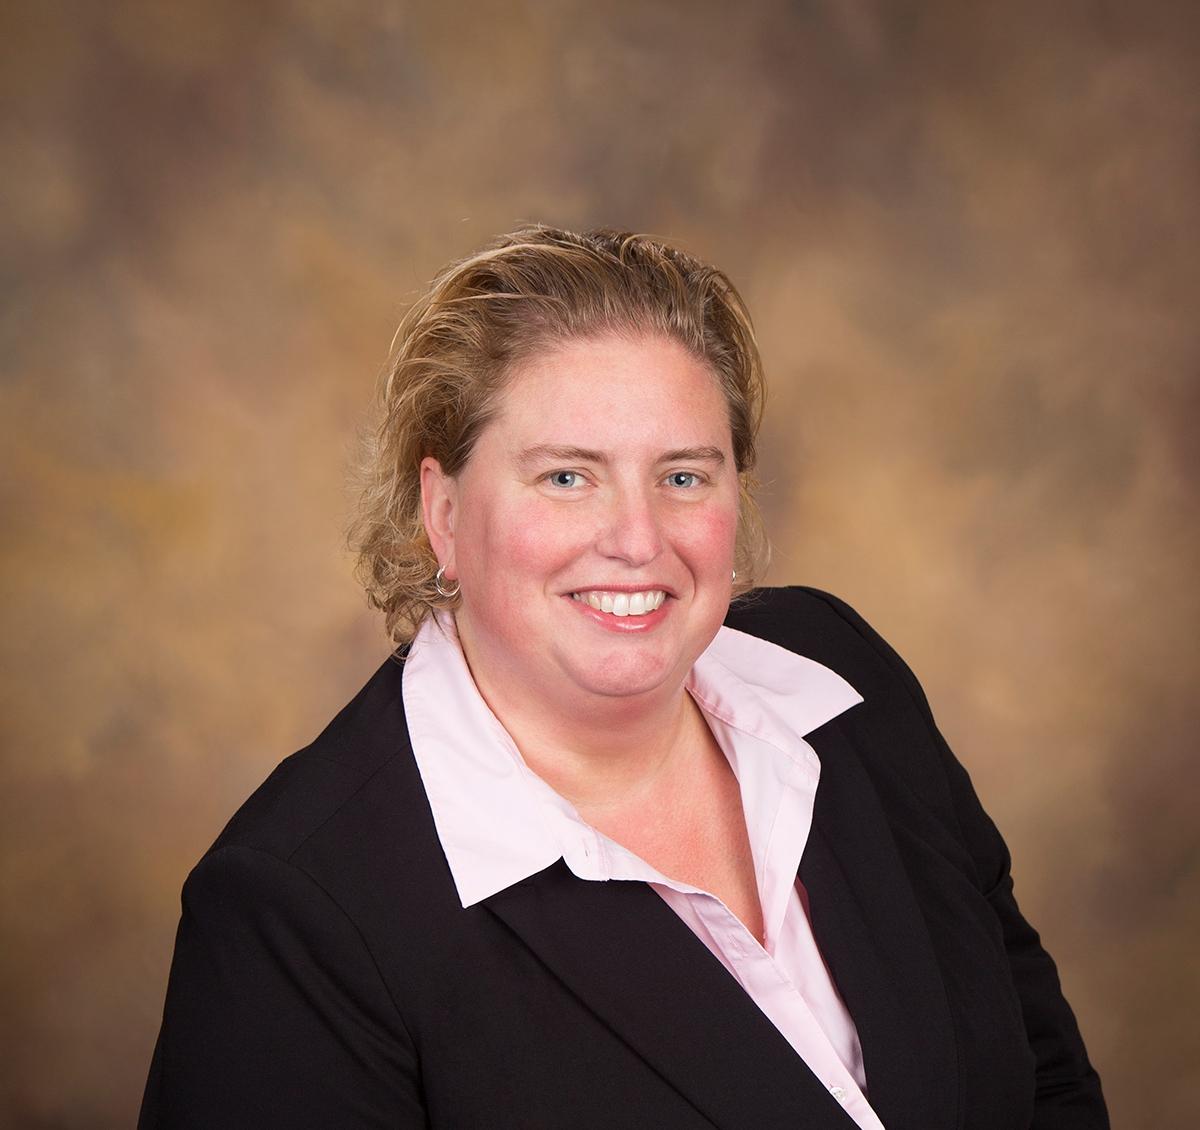 Melissa Domingues, CFO, MobilOil CU